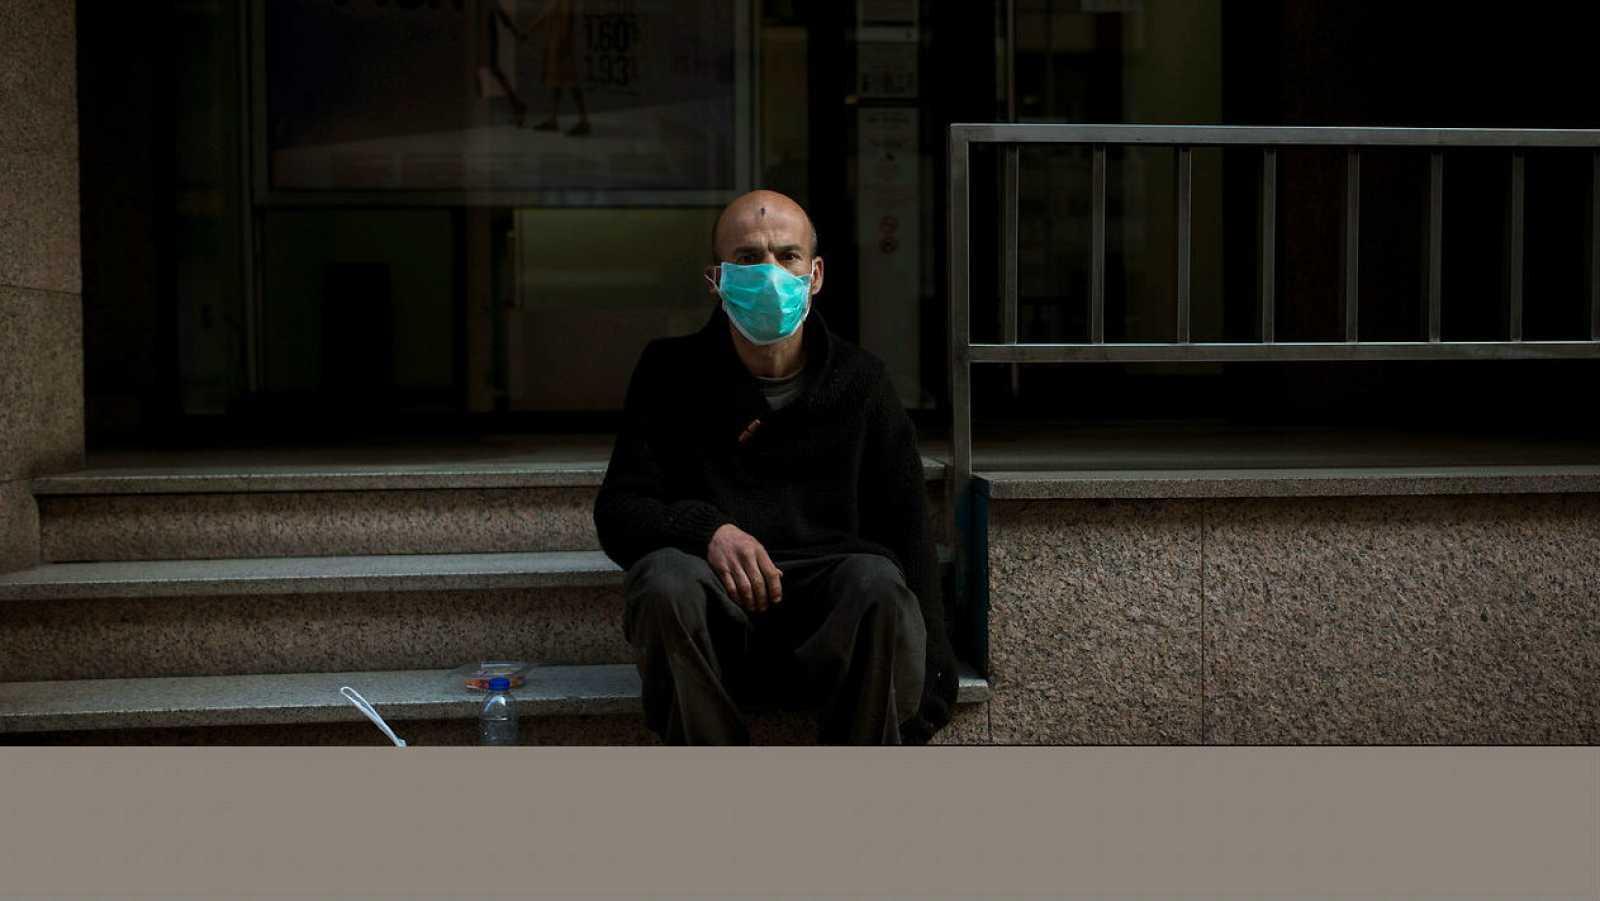 Un hombre con mascarilla sentado en la calle para protegerse del coronavirus.